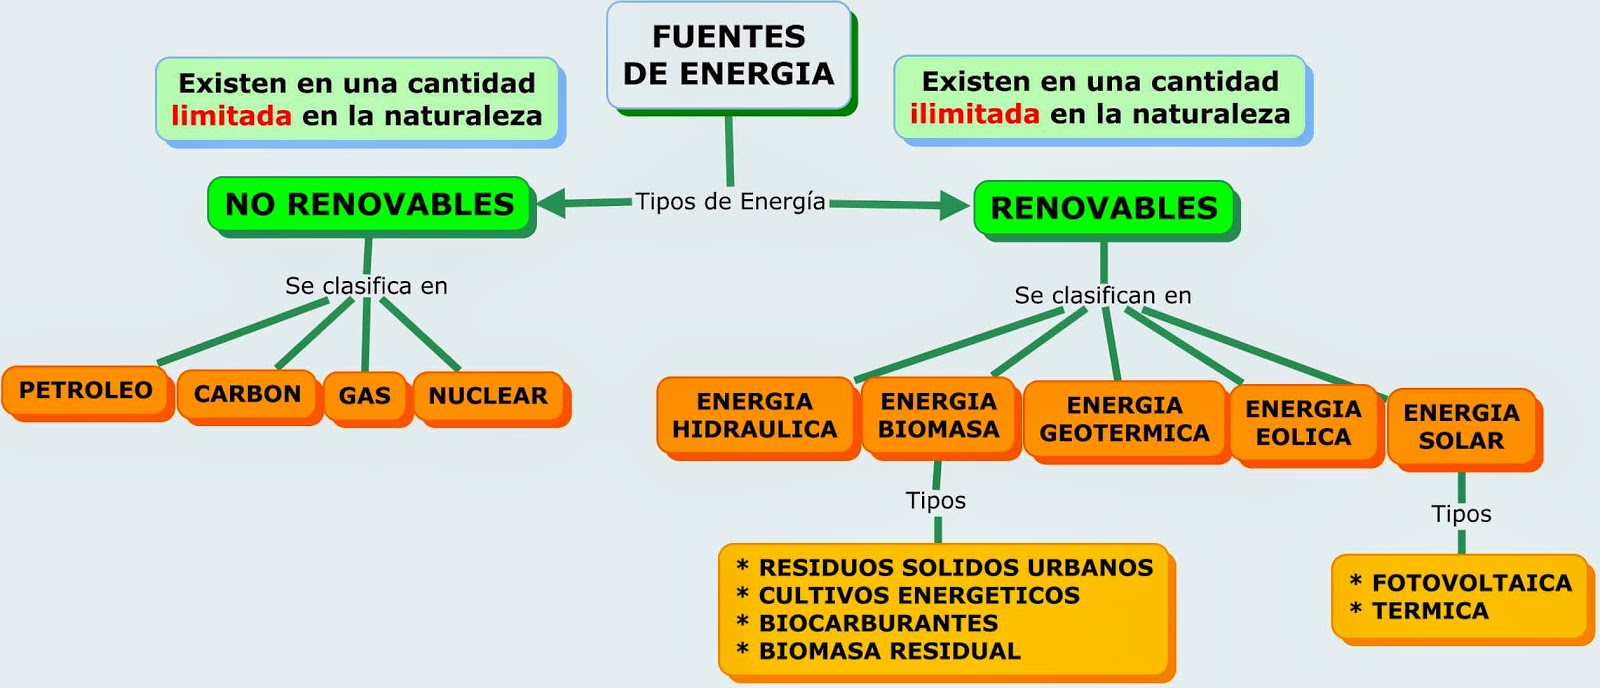 Energias Renovables y no Renovables Esquema Juego de Energías Renovables